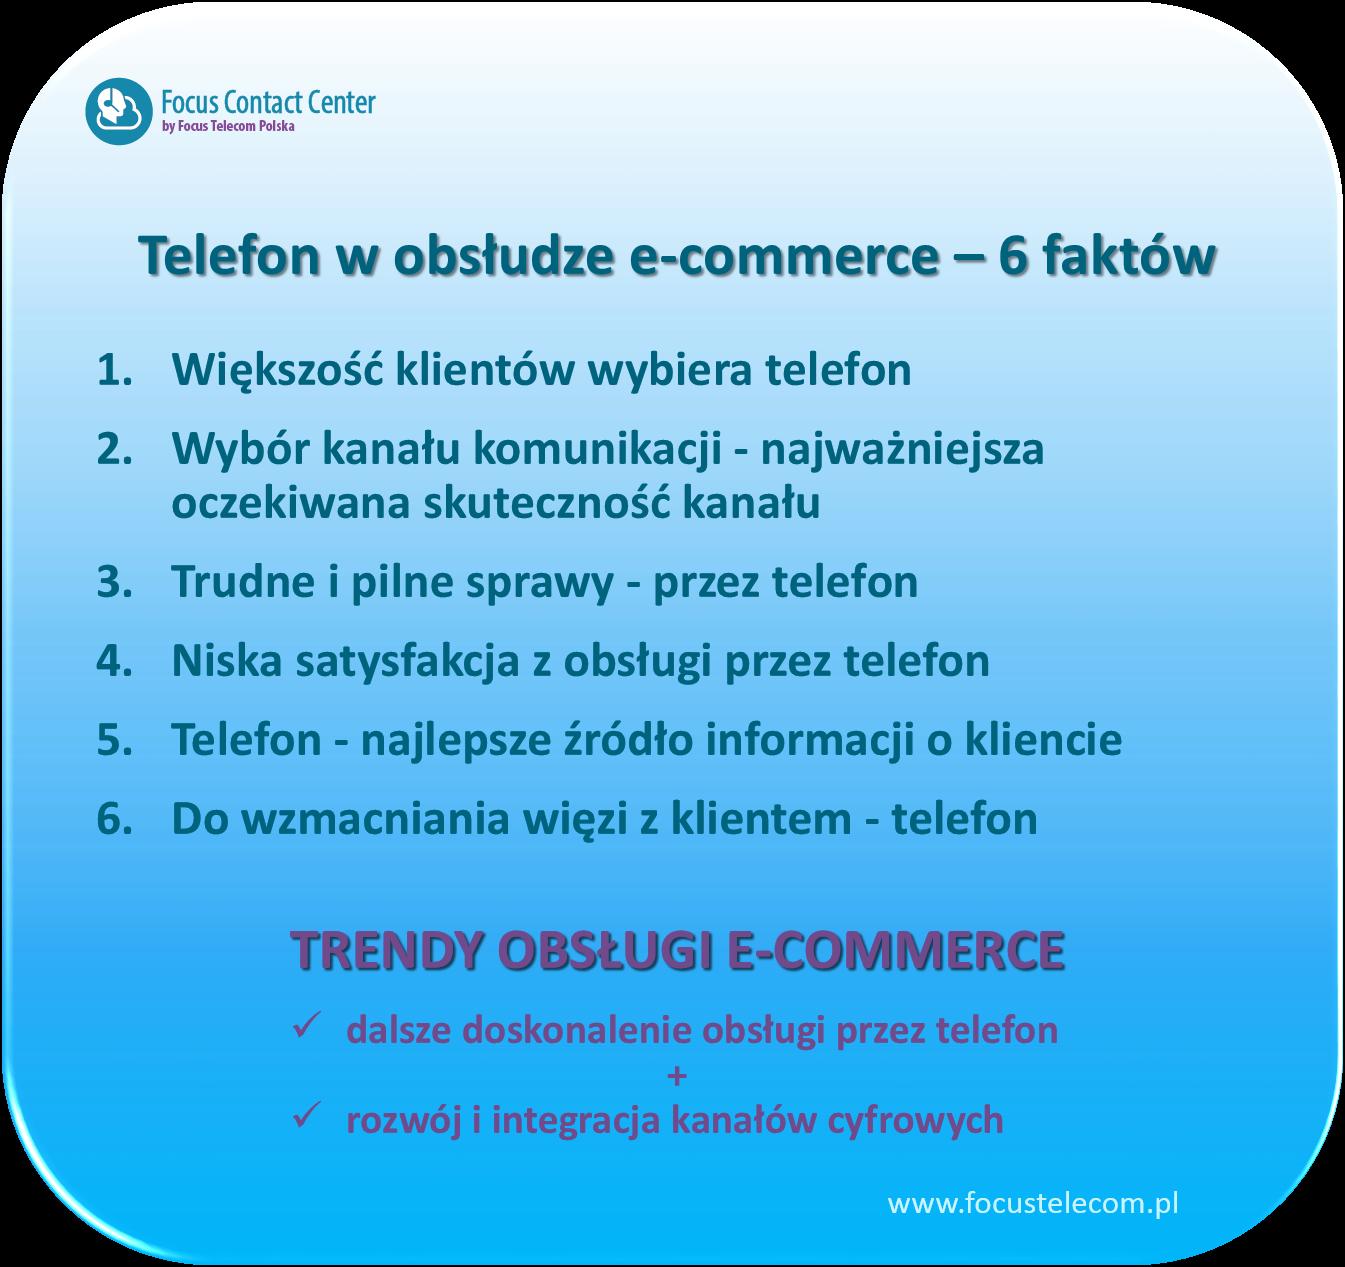 Telefon w obsłudze e-commerce podsumowanie